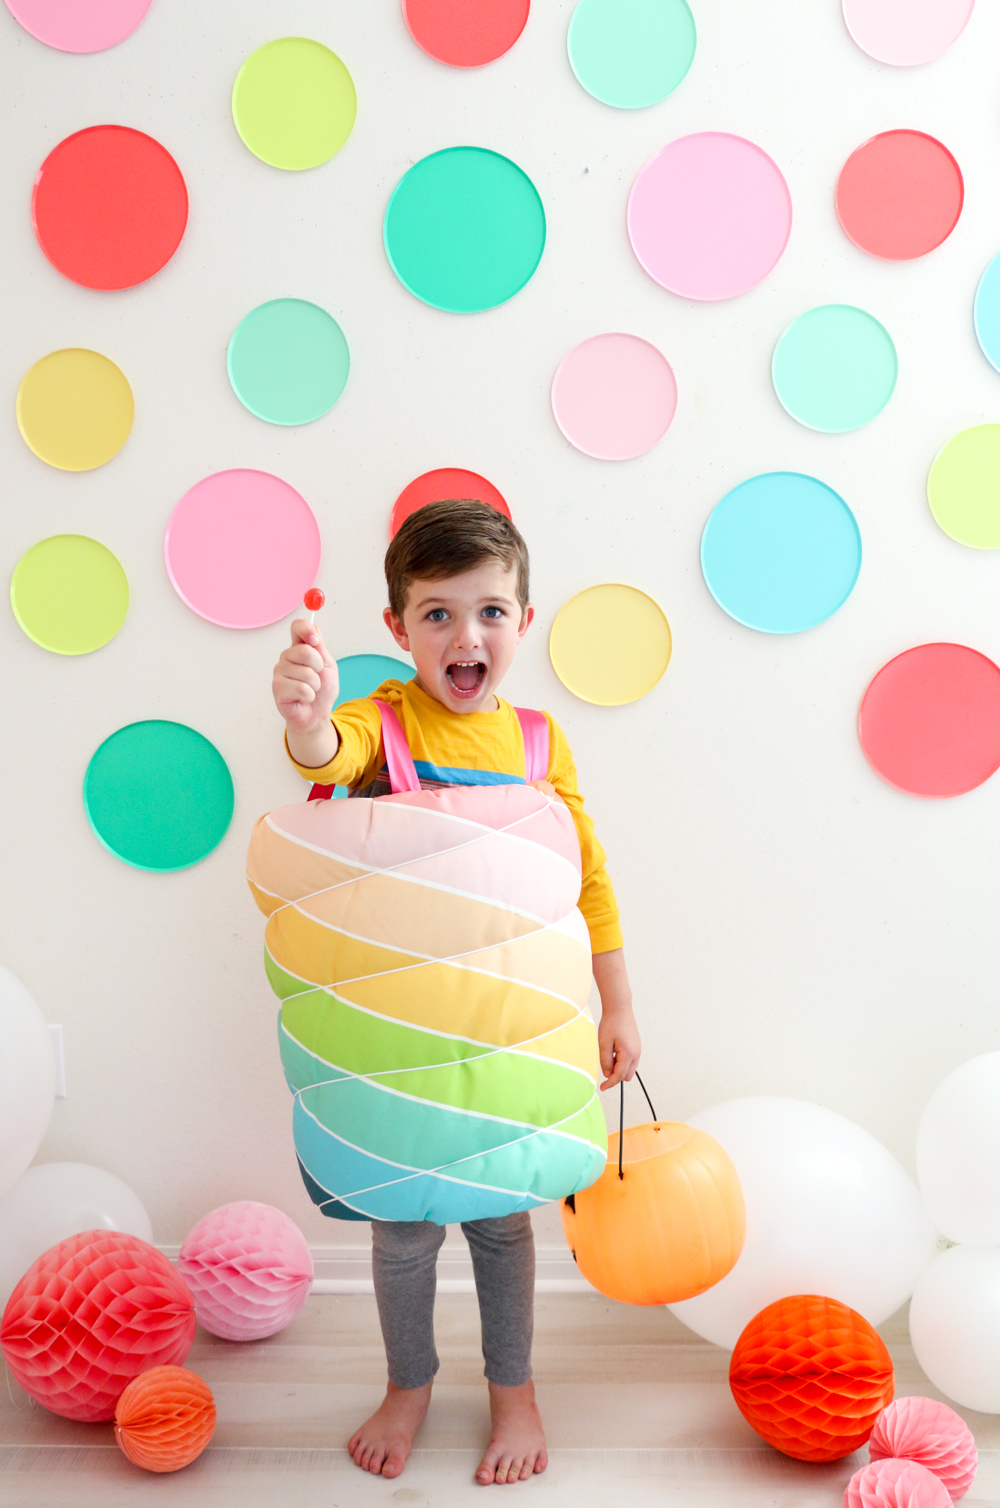 Faschingskostum Kinder Regenbogen Lolli Spoonflower De